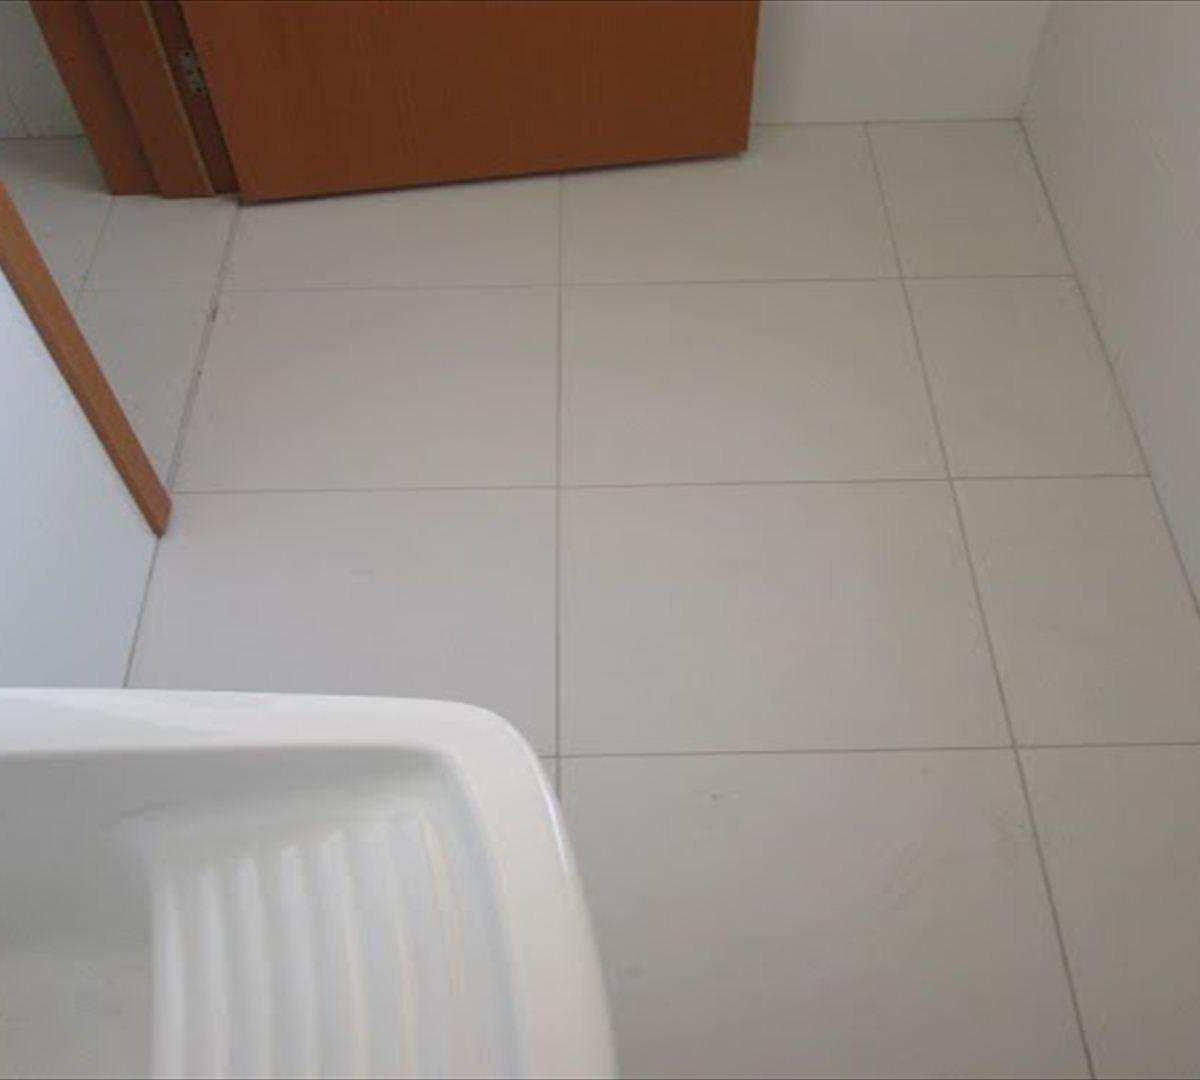 24090300-AREA_DE_SERVICO.jpg